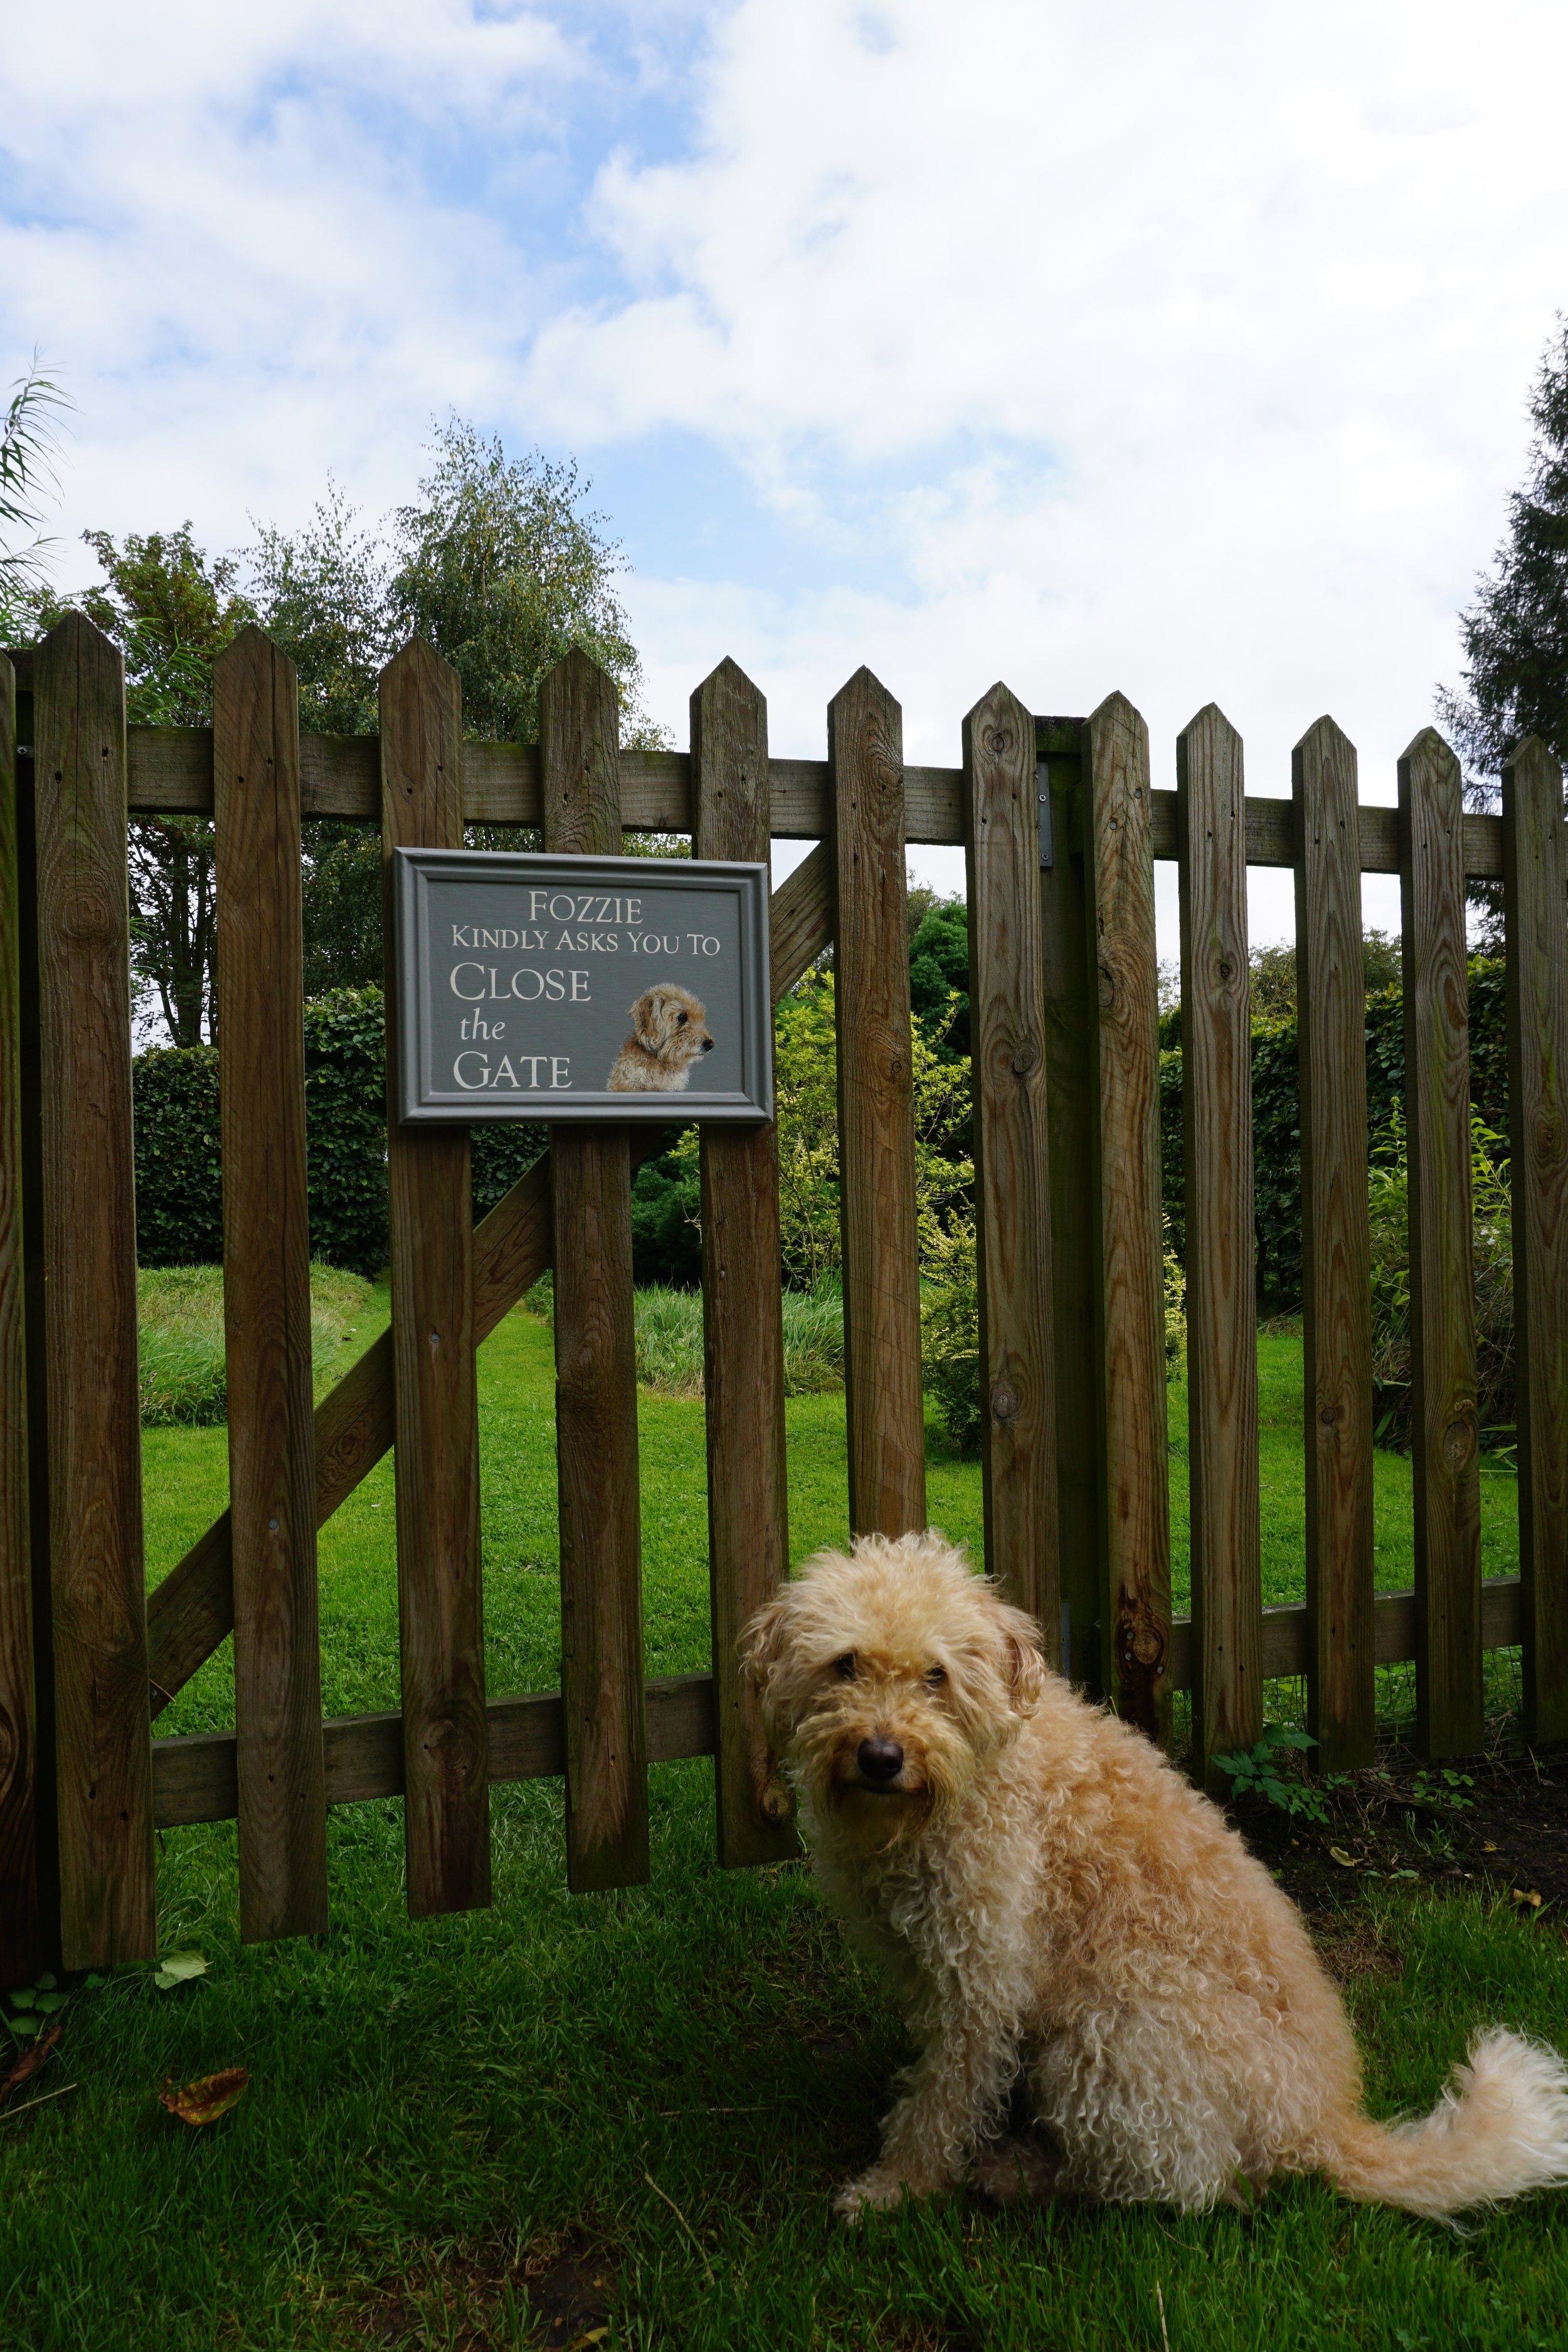 Fozzie's new garden gate sign!